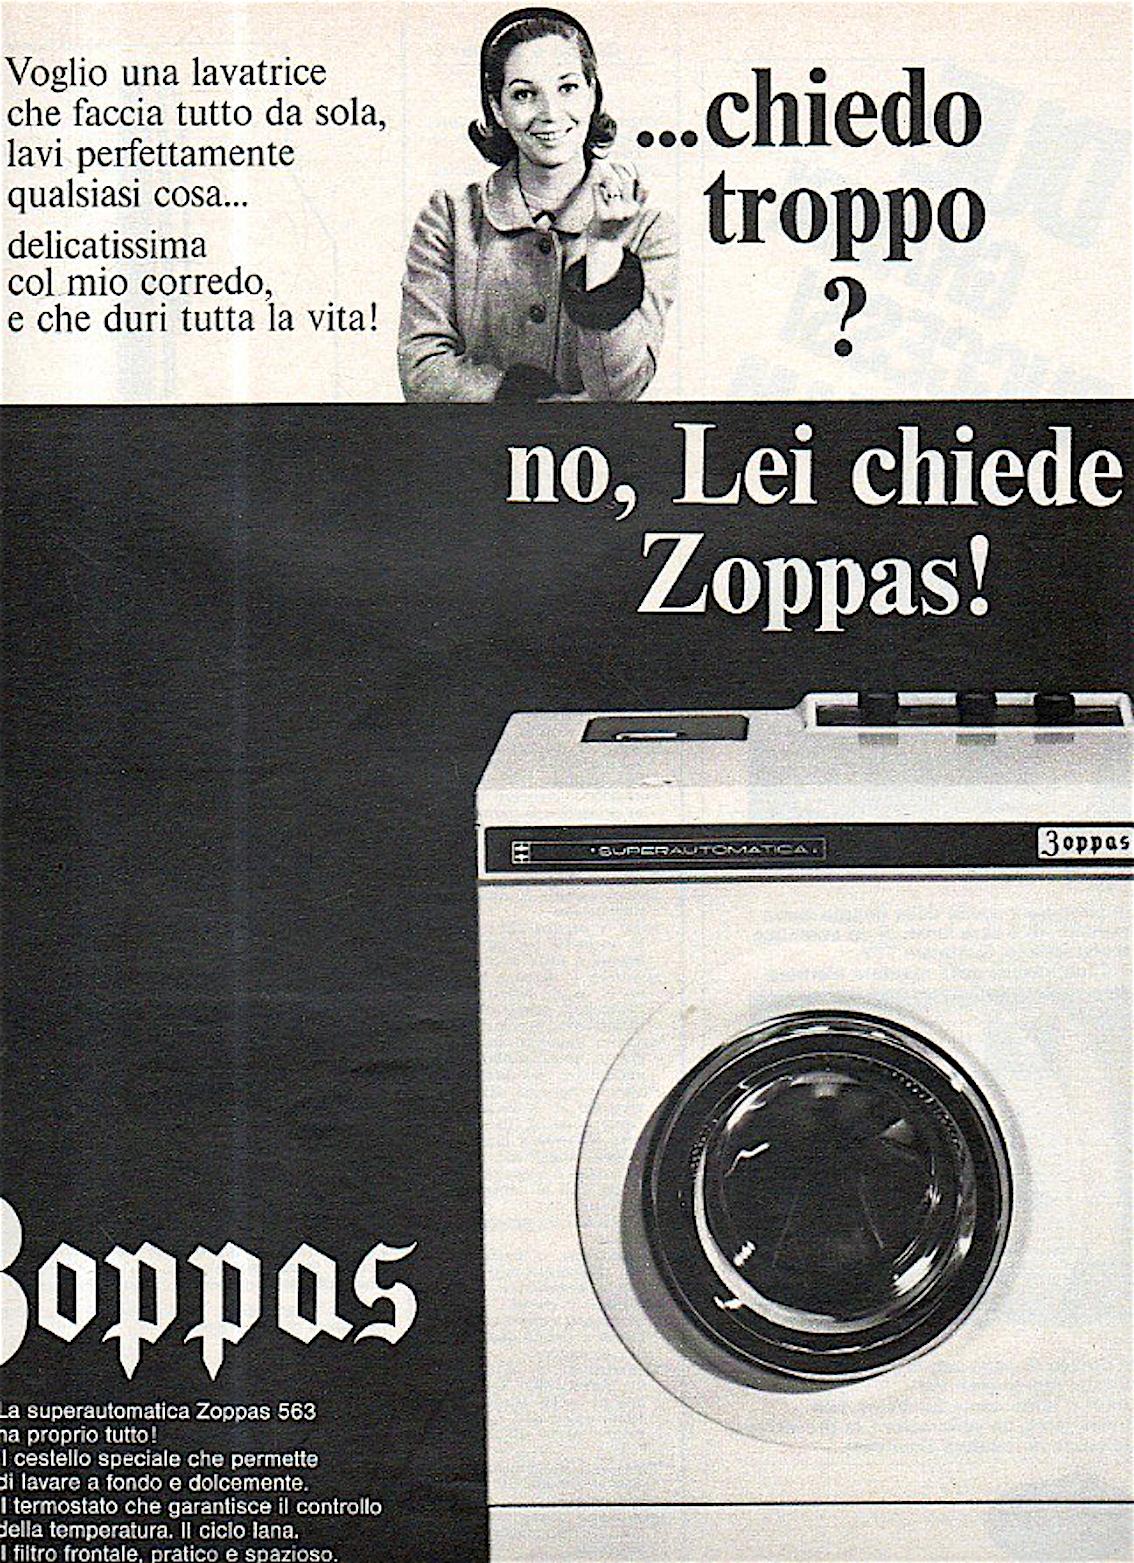 Zoppas li fa nessuno li distrugge carosello 70 - Immagini di elettrodomestici ...